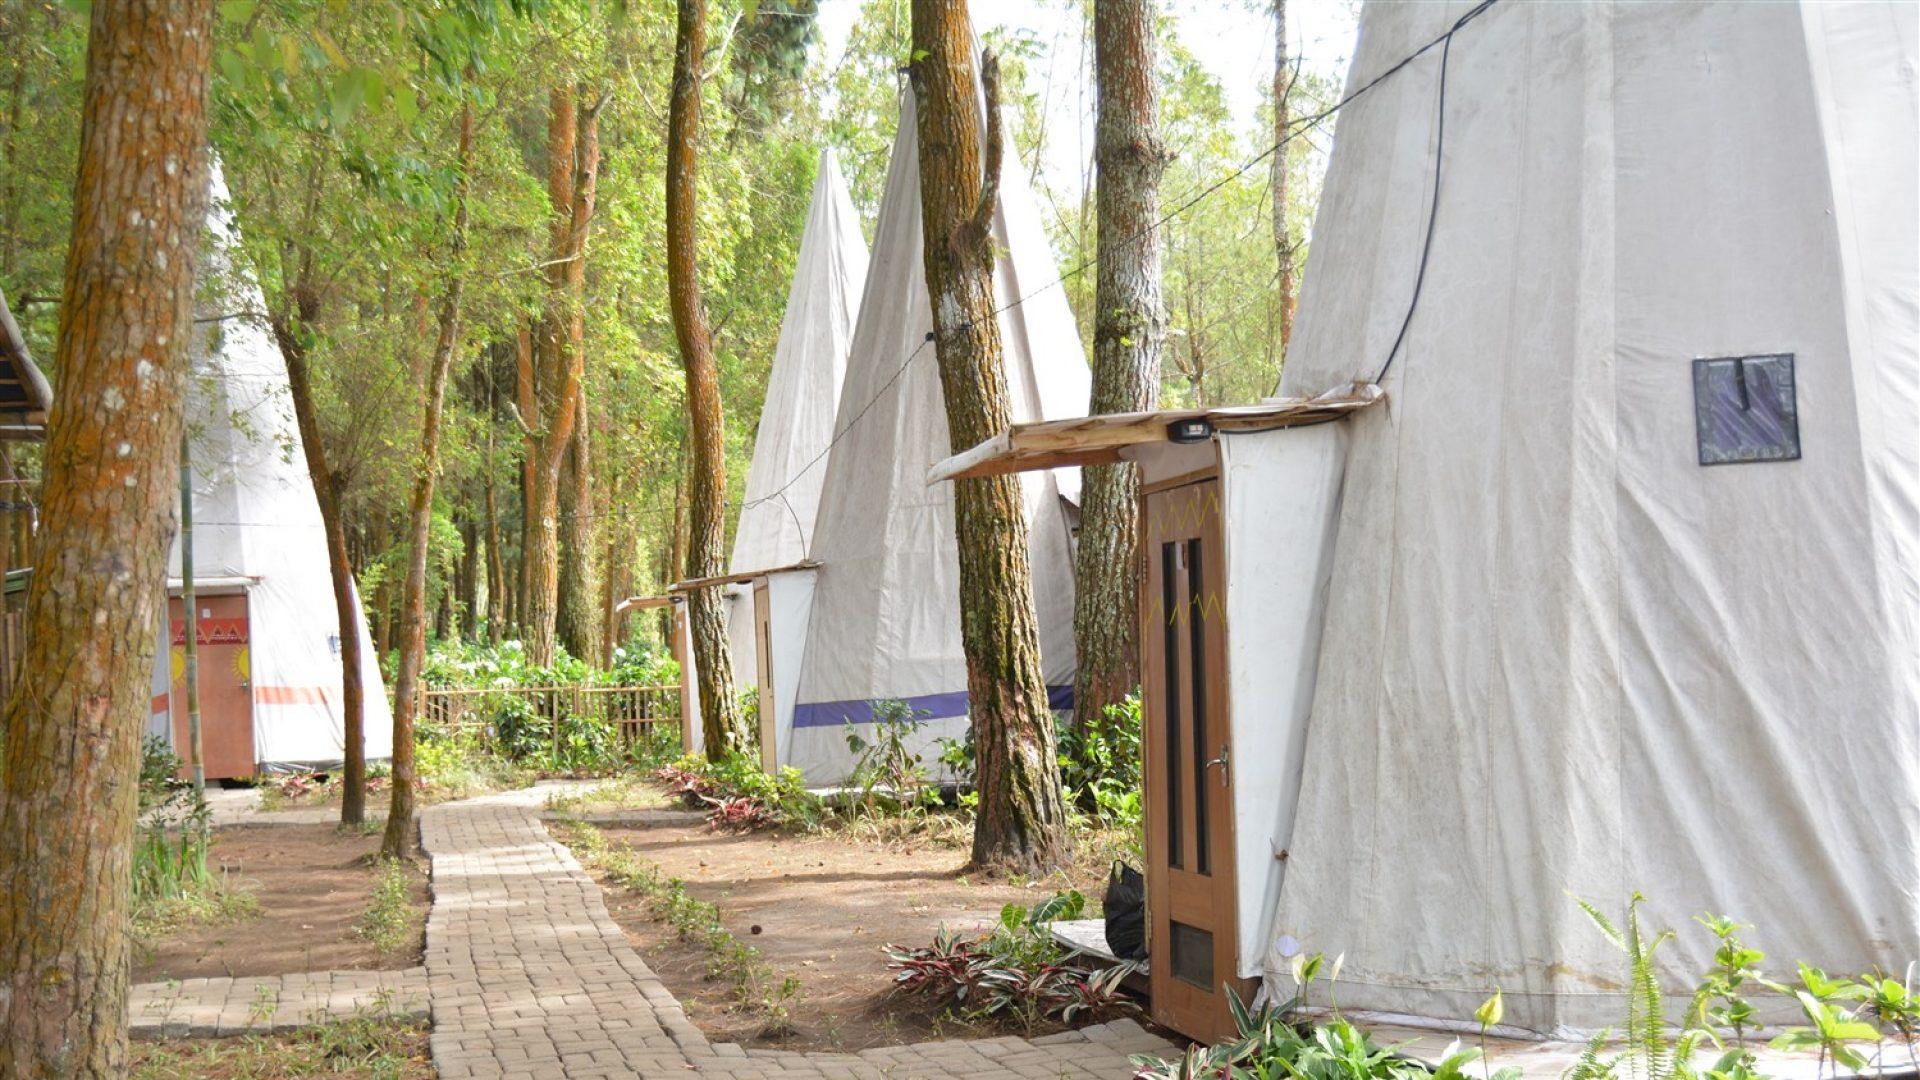 Uniknya Kampung Indian Kediri Travel Today Cocok Mengajak Rekreasi Keluarga